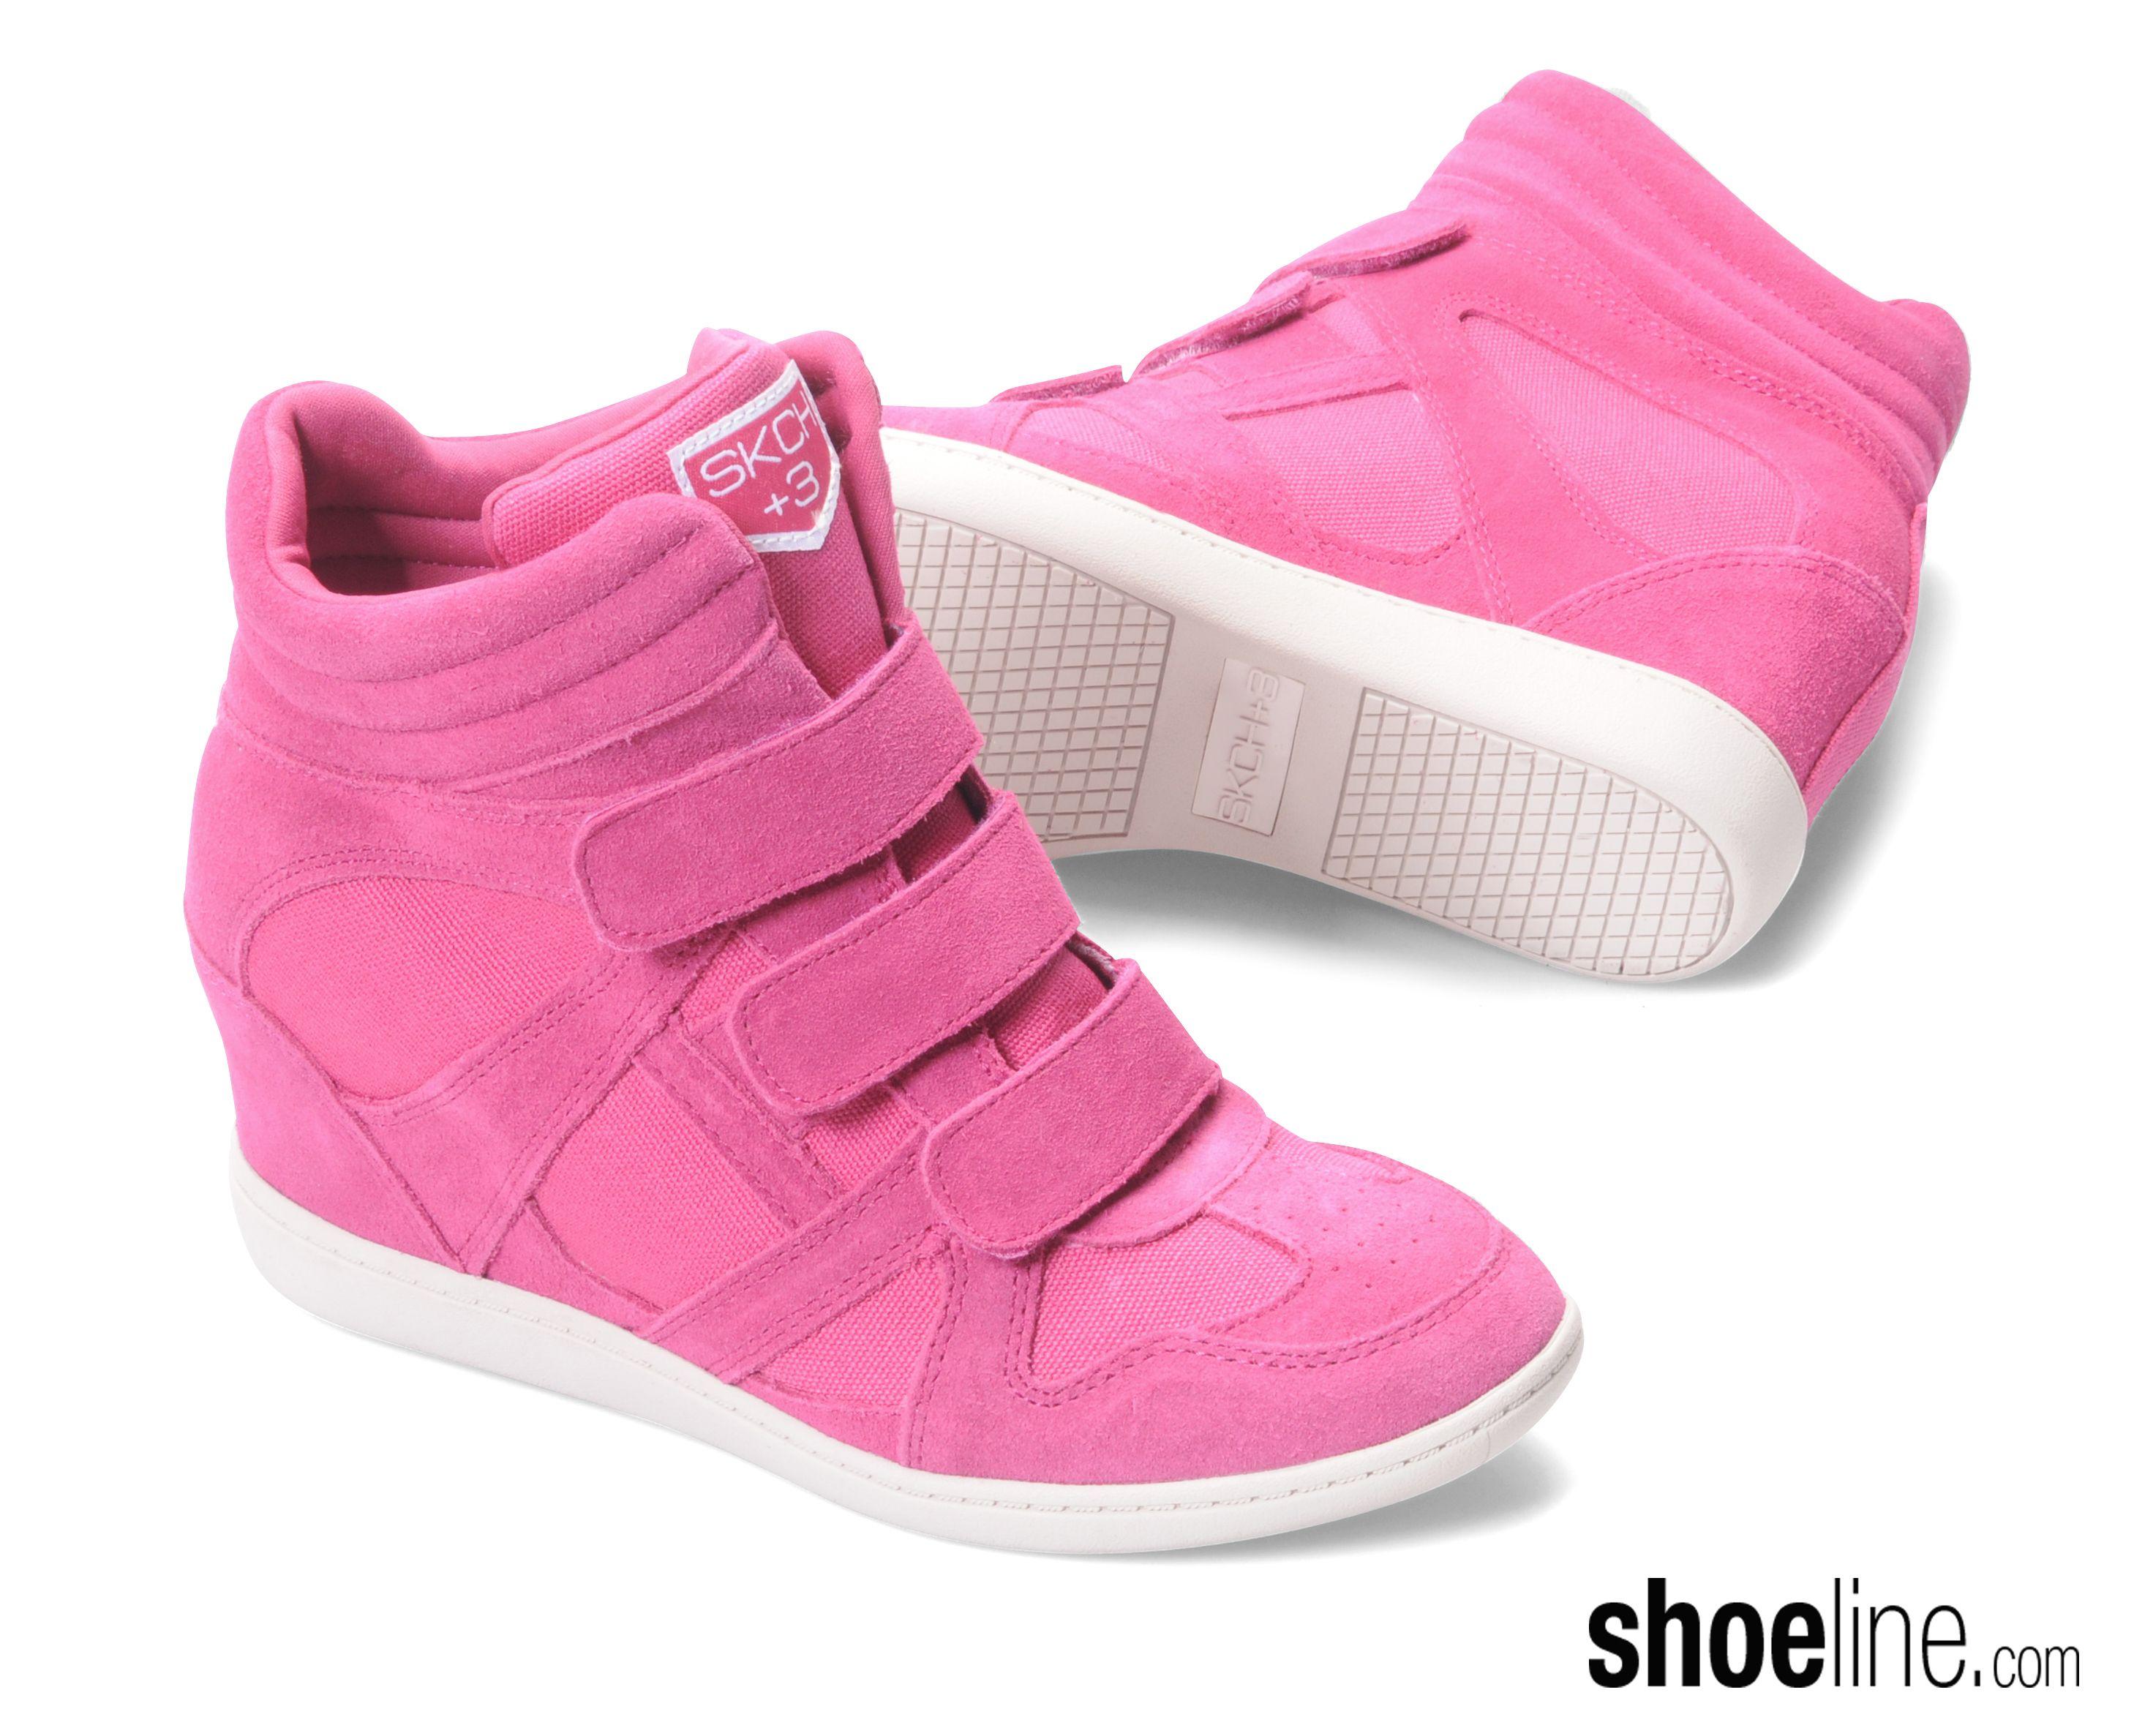 skechers high heel tennis shoes